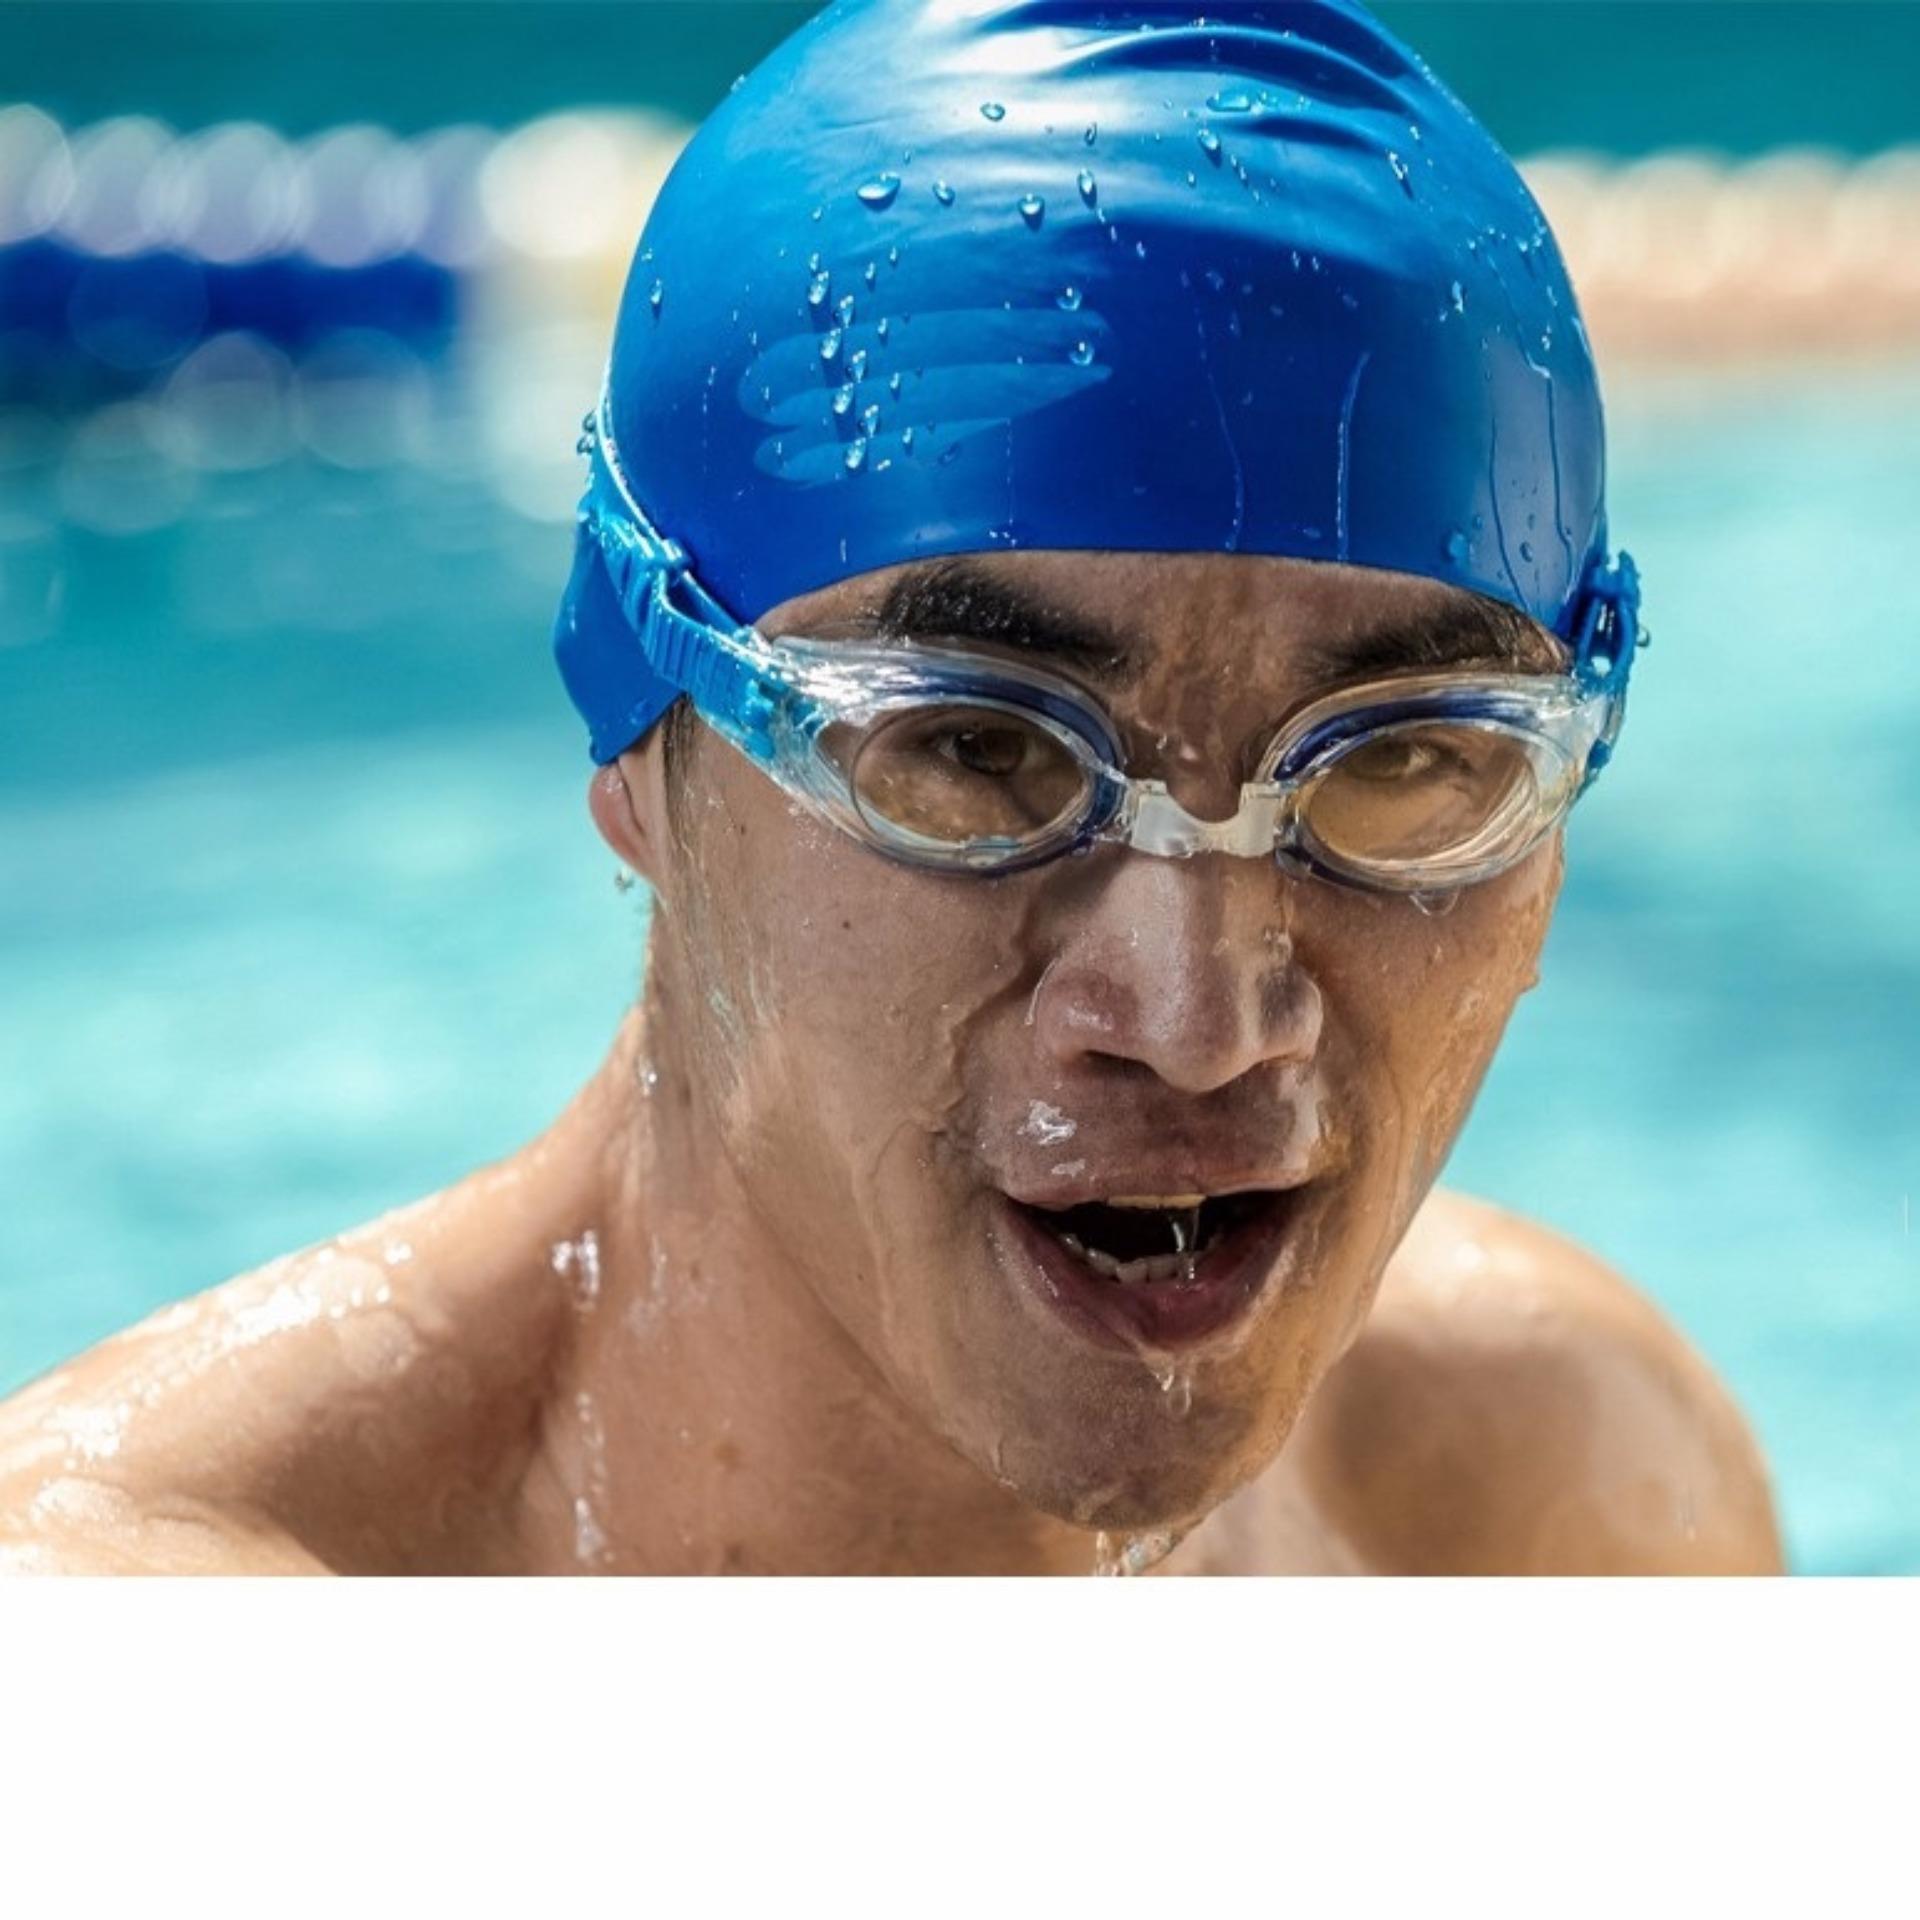 Nón bơi mũ bơi trơn silicone chống thống nước cao cấp CA31 POPO Collection 10